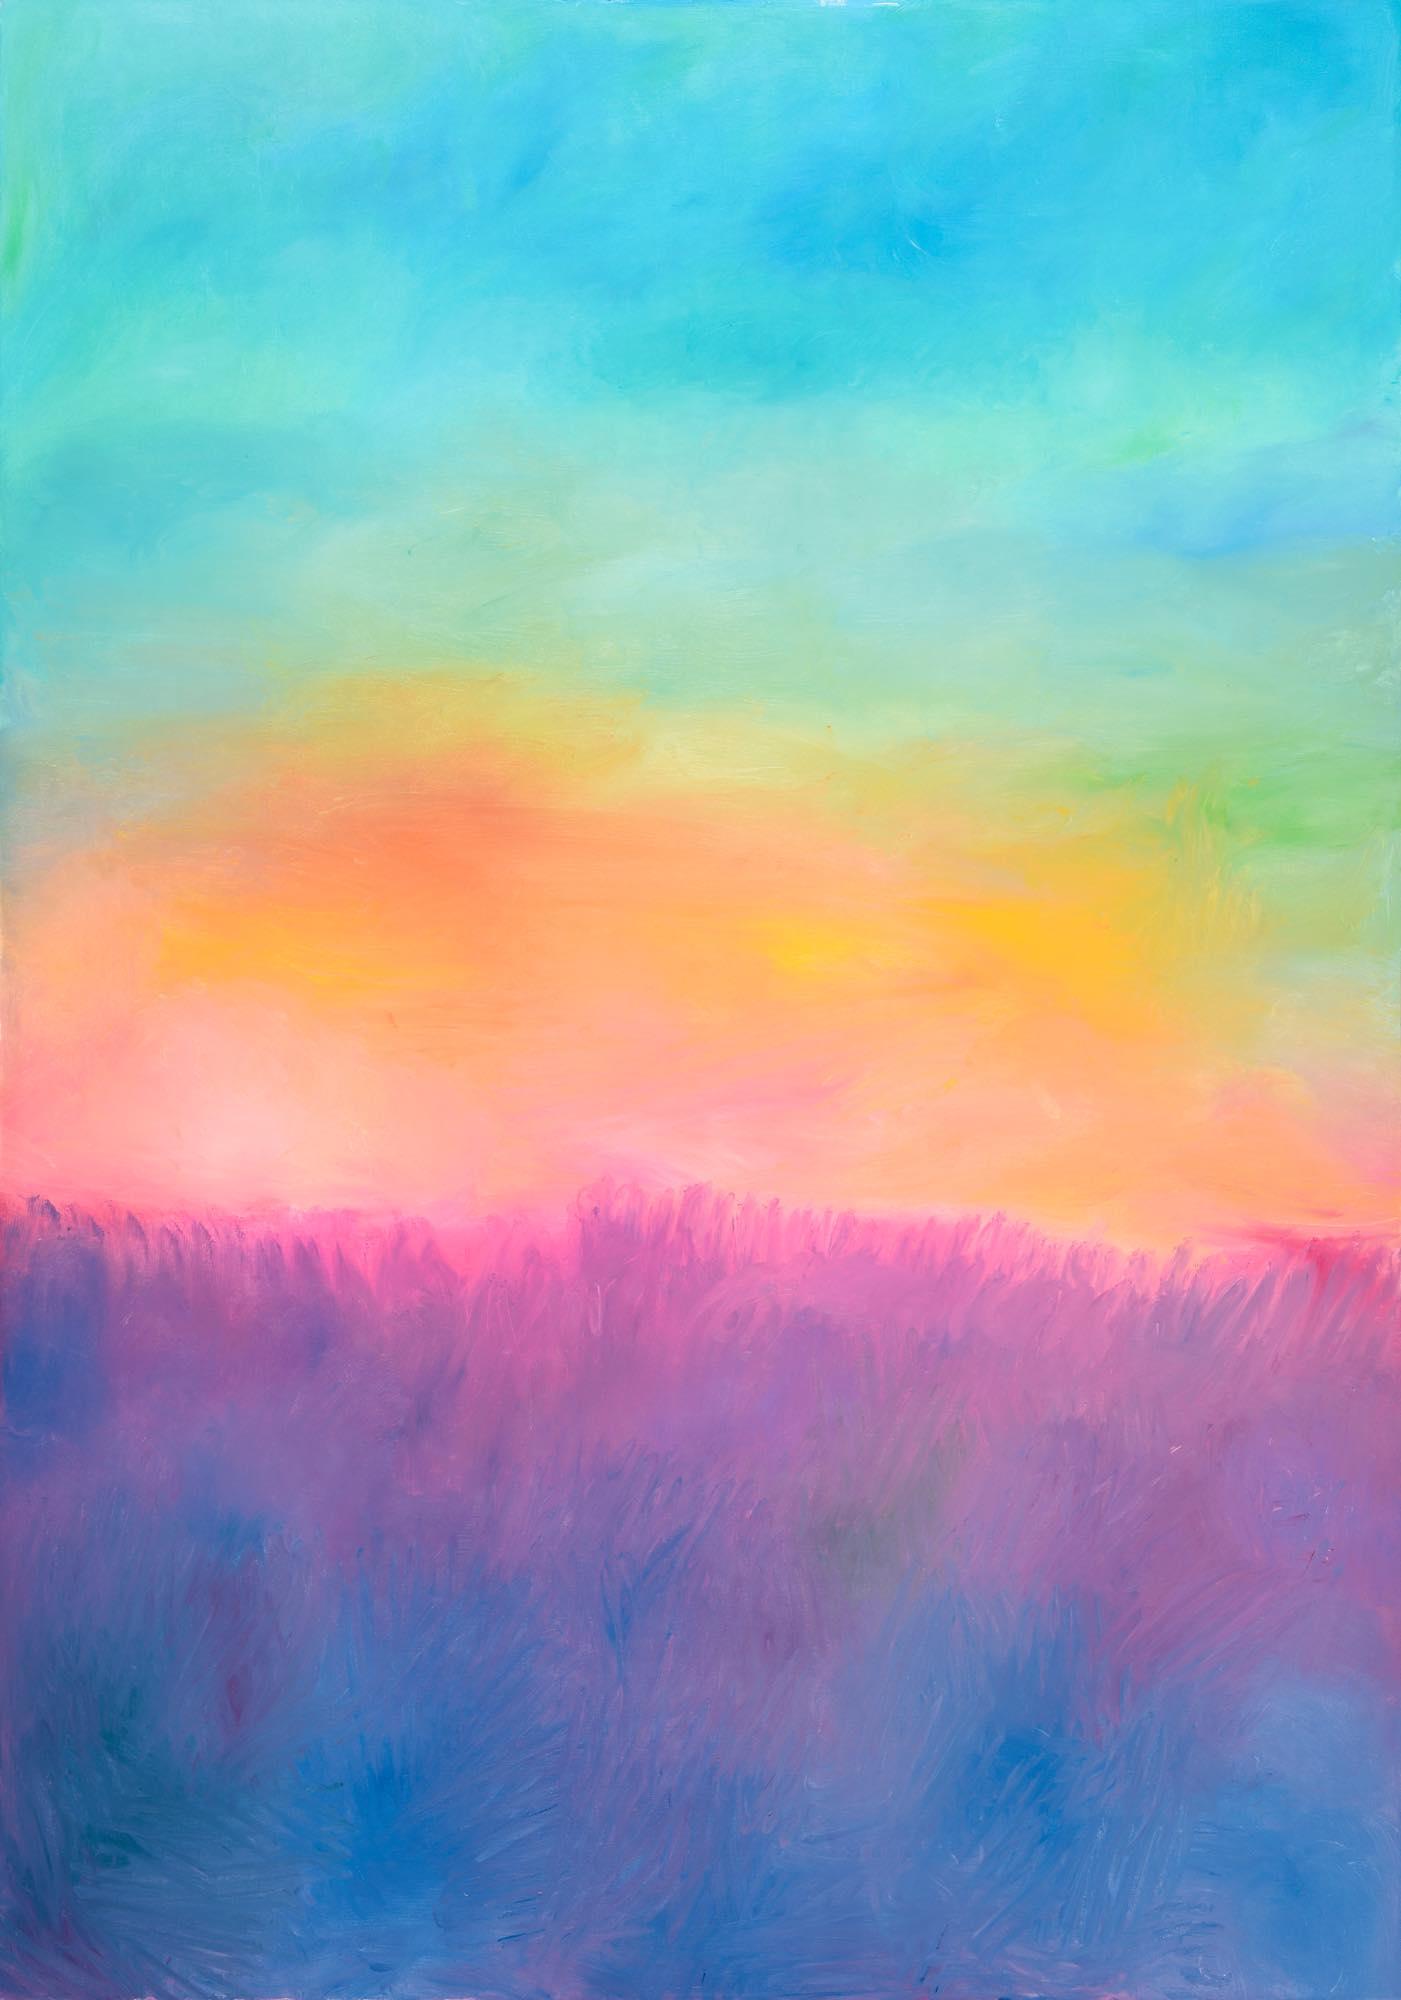 Hyesim Choi, Oil on Canvas, 112cm(W) x 162cm(H), 2021